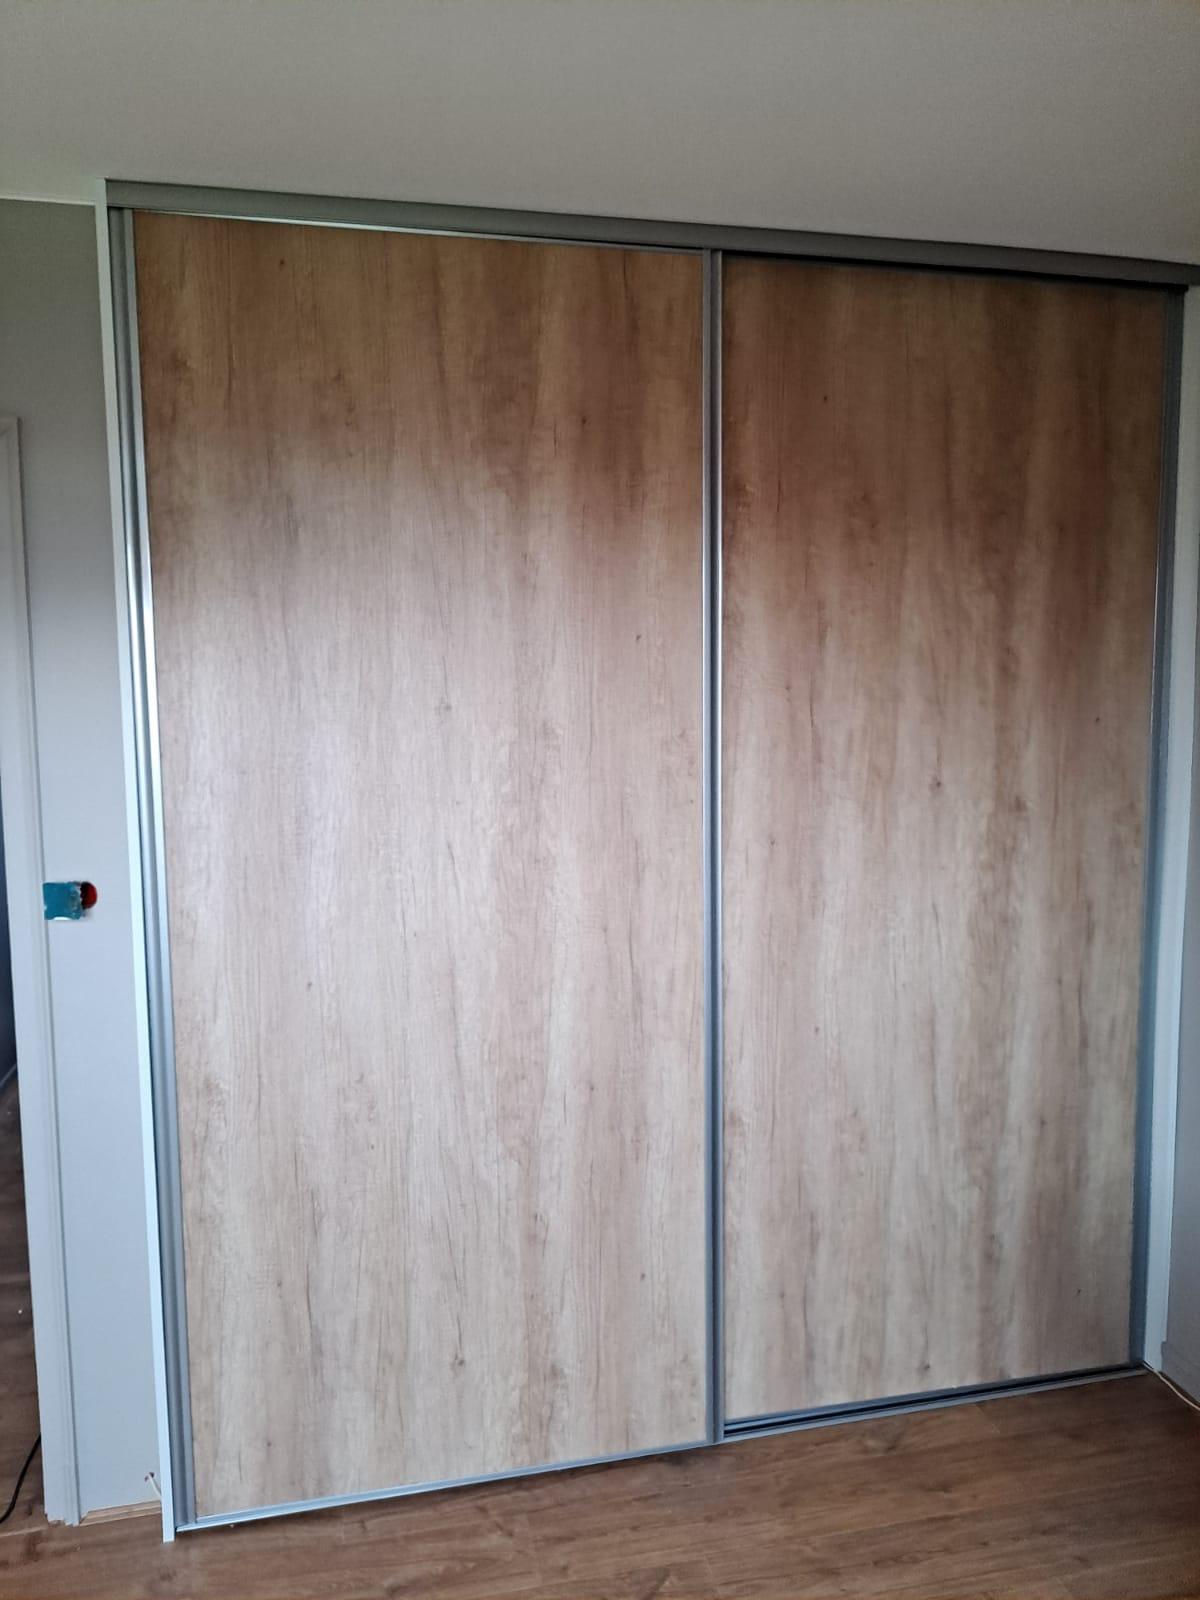 Sur cette dernière photo, on voit le placard sur mesure avec les portes fermées.